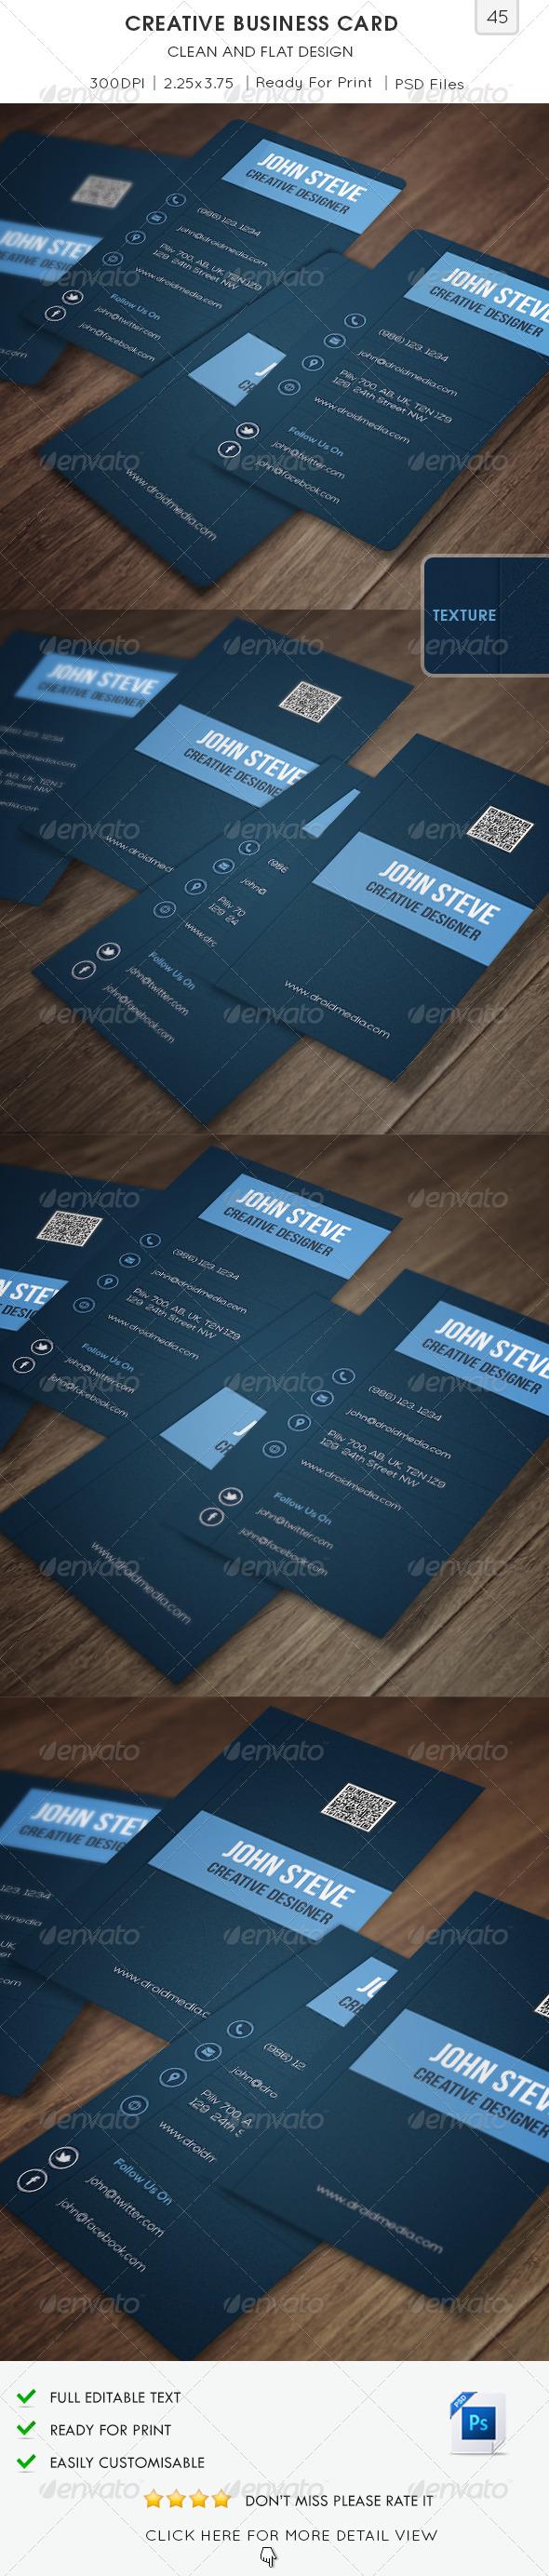 GraphicRiver Creative Business Card v45 6966718